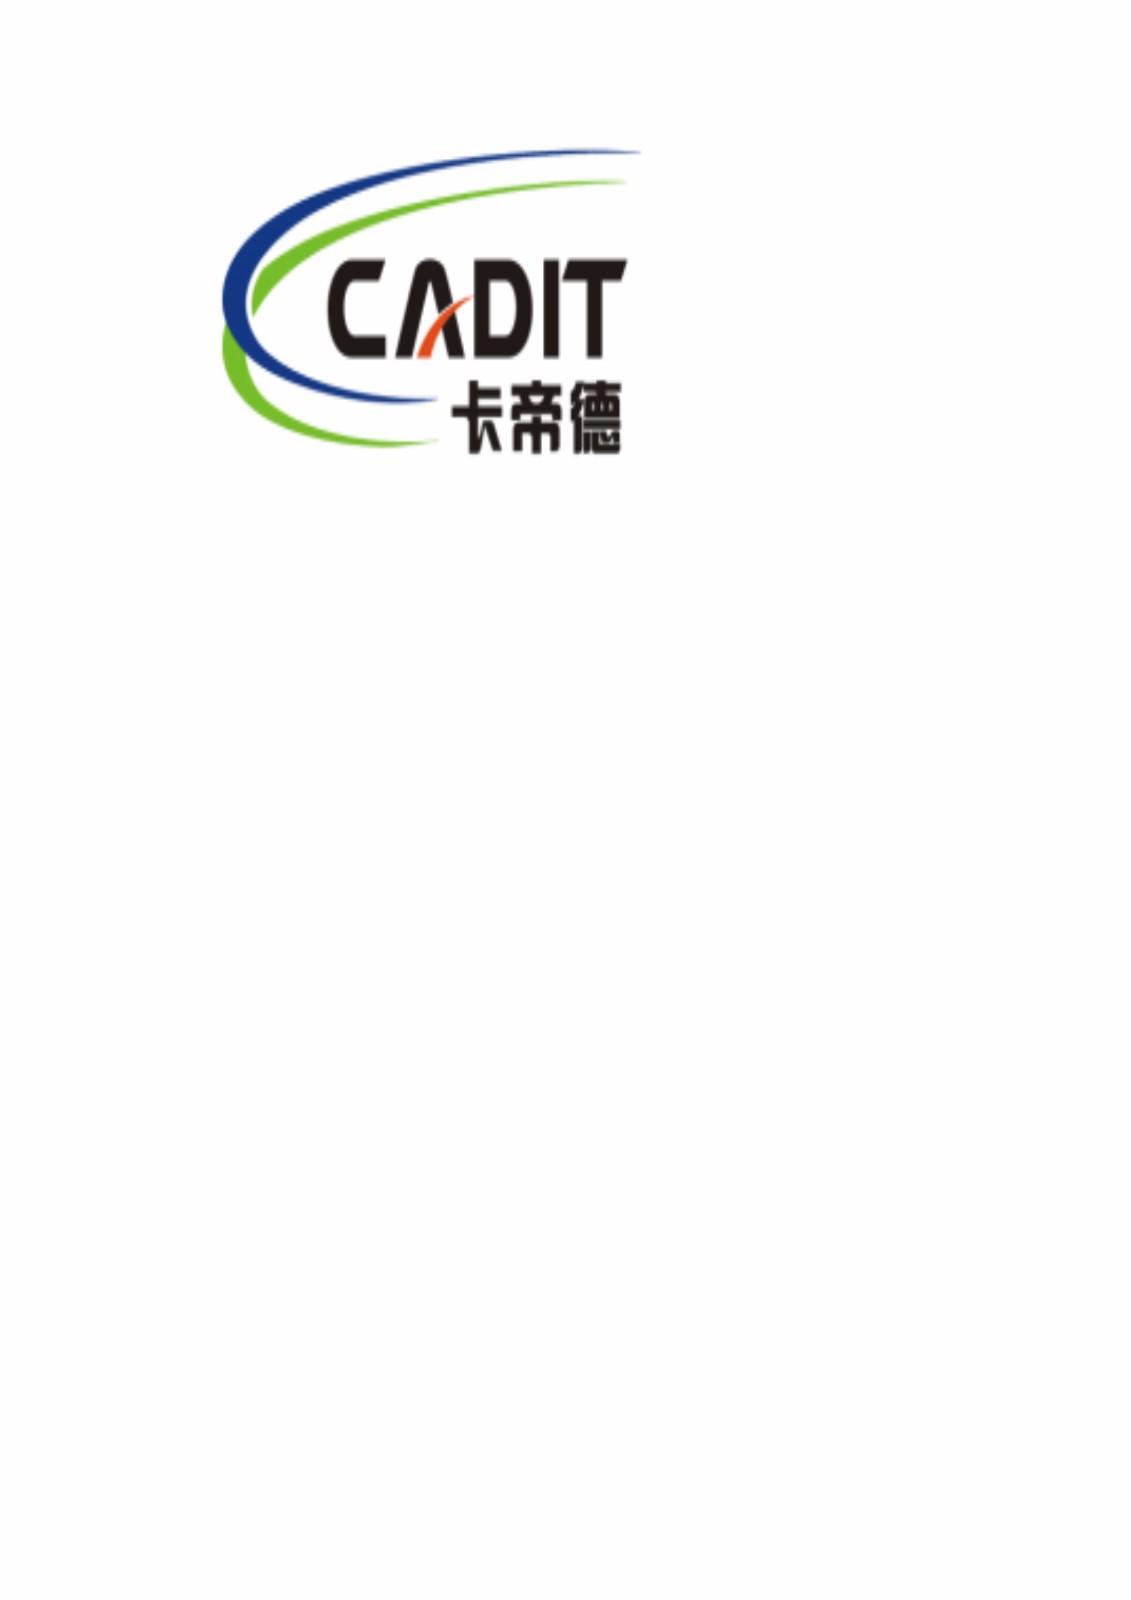 深圳市卡帝德塑料制品有限公司